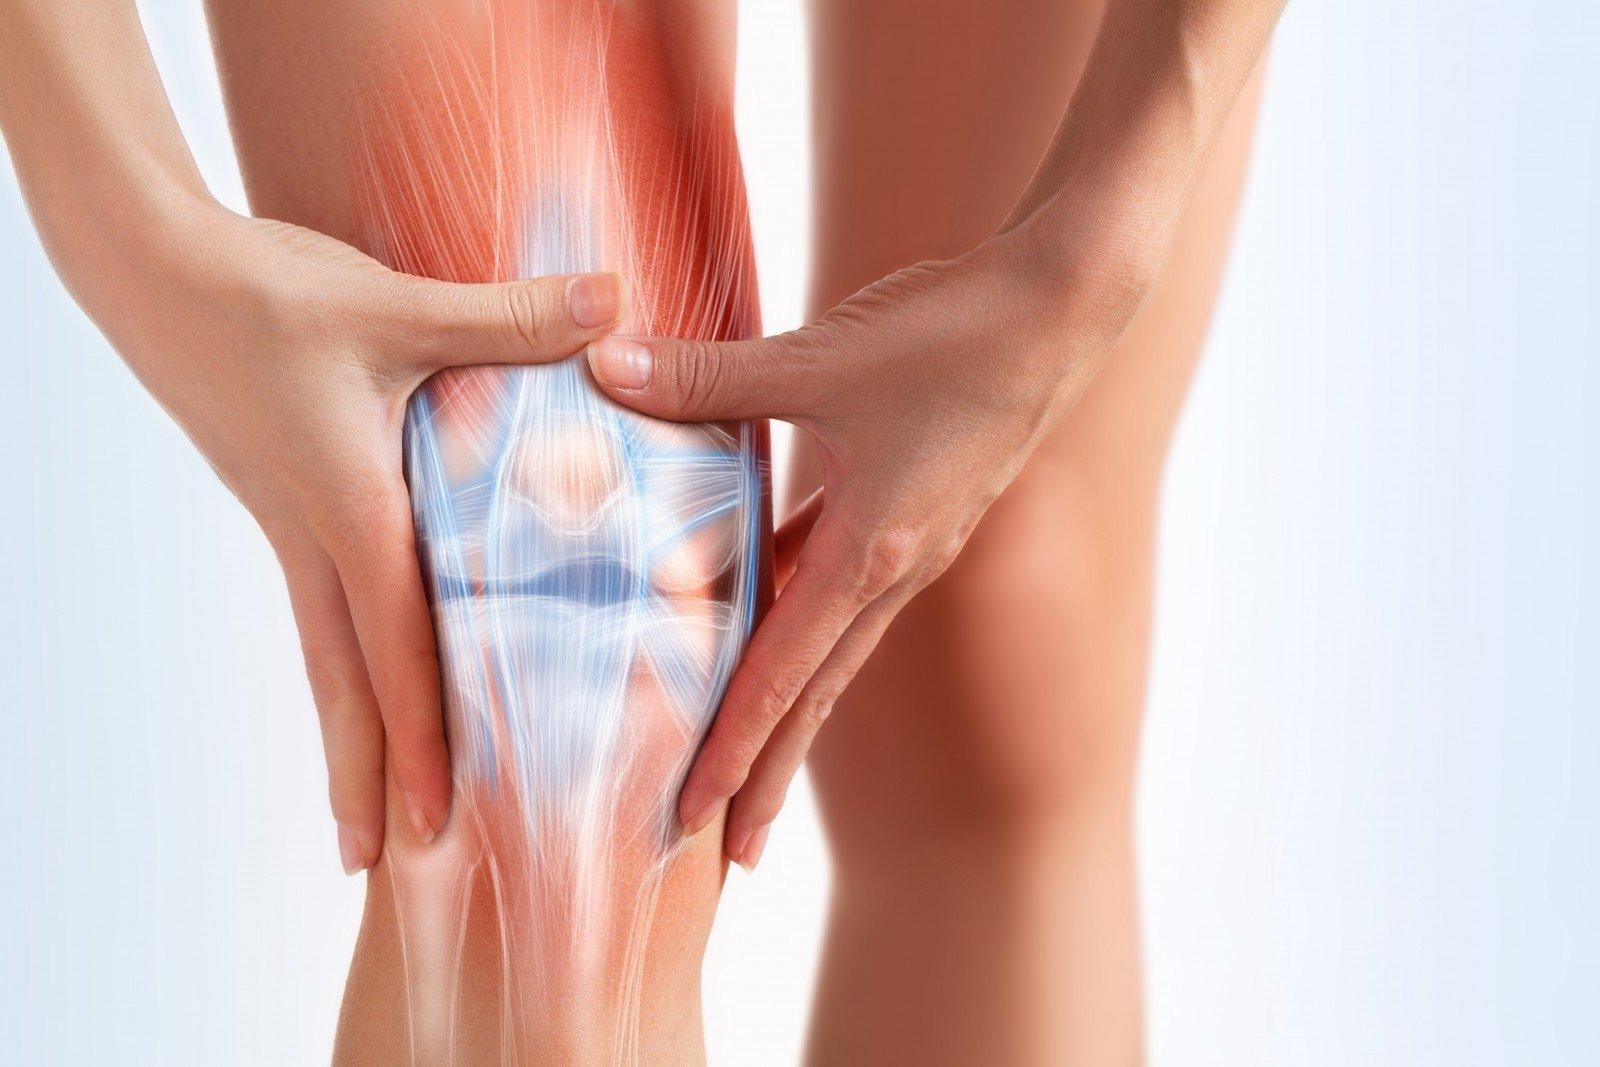 ligų prevencija sąnarių ir kaulų tepalas į sąnarių gydymo